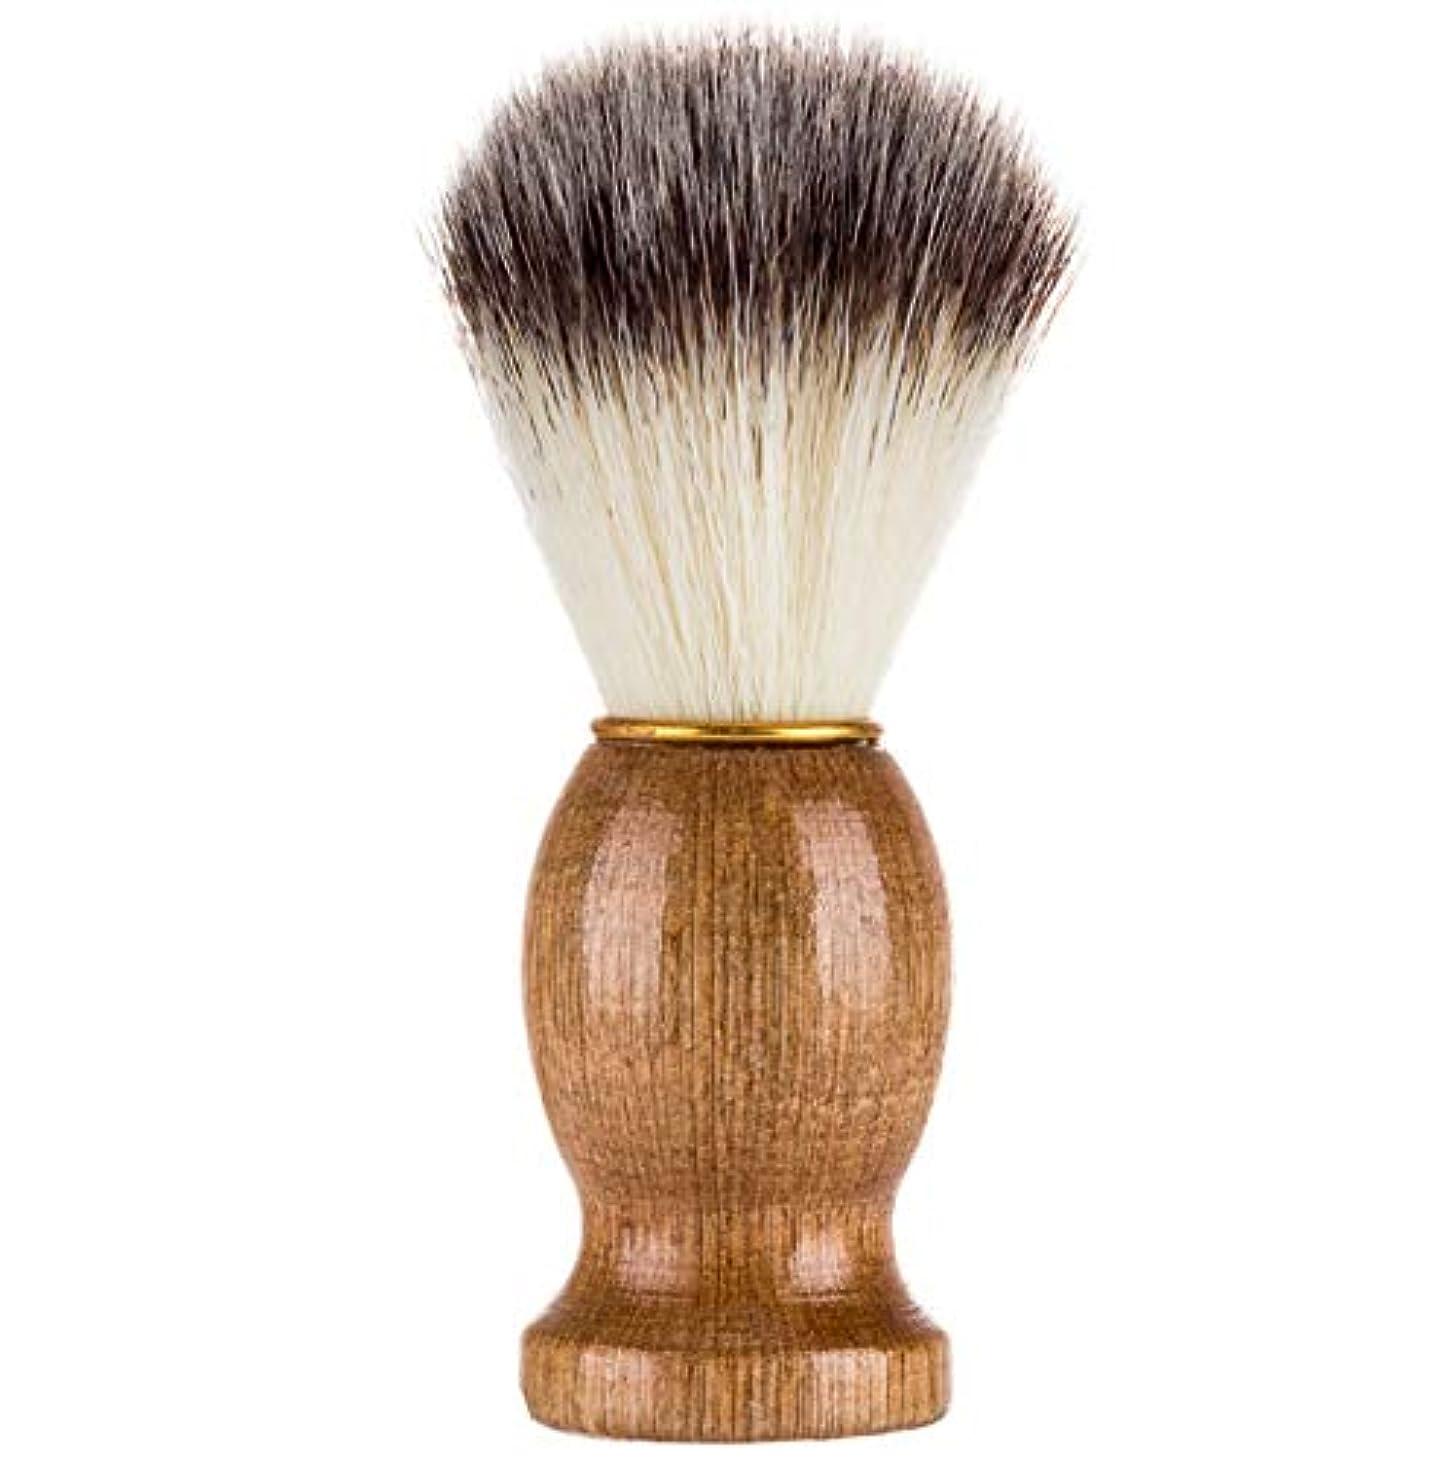 電圧砂漠あごソフトヘアメイクブラシメンズシェービングブラシ品質剛毛新しいポータブルハイエンドひげブラシ美容ツール